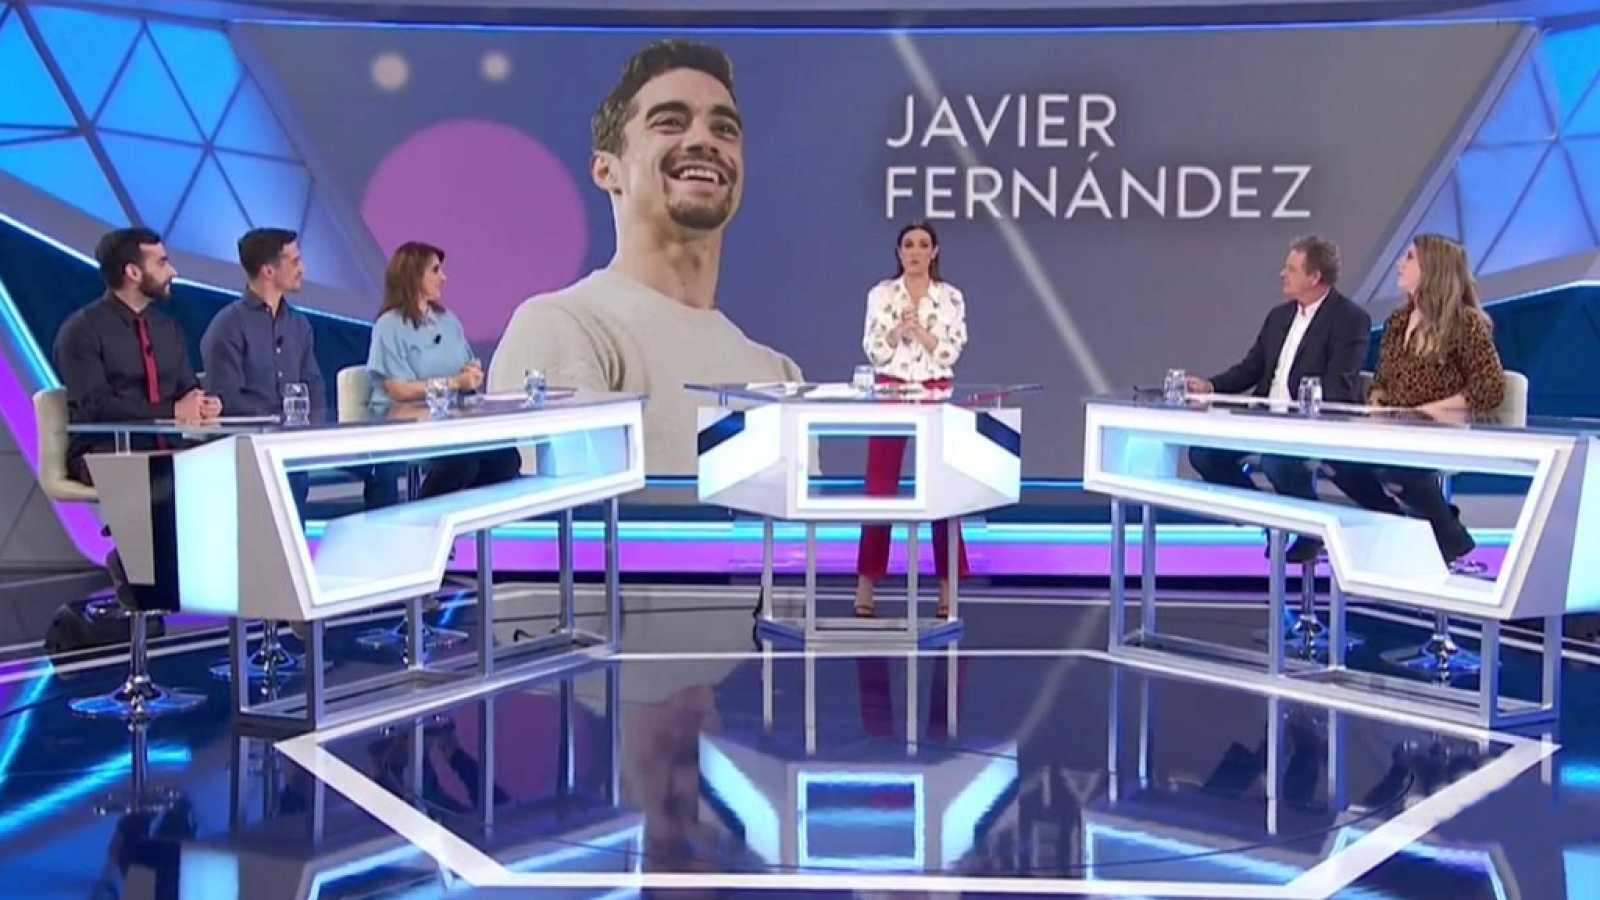 Lo siguiente - Javier Fernández - 21/02/19 - ver ahora